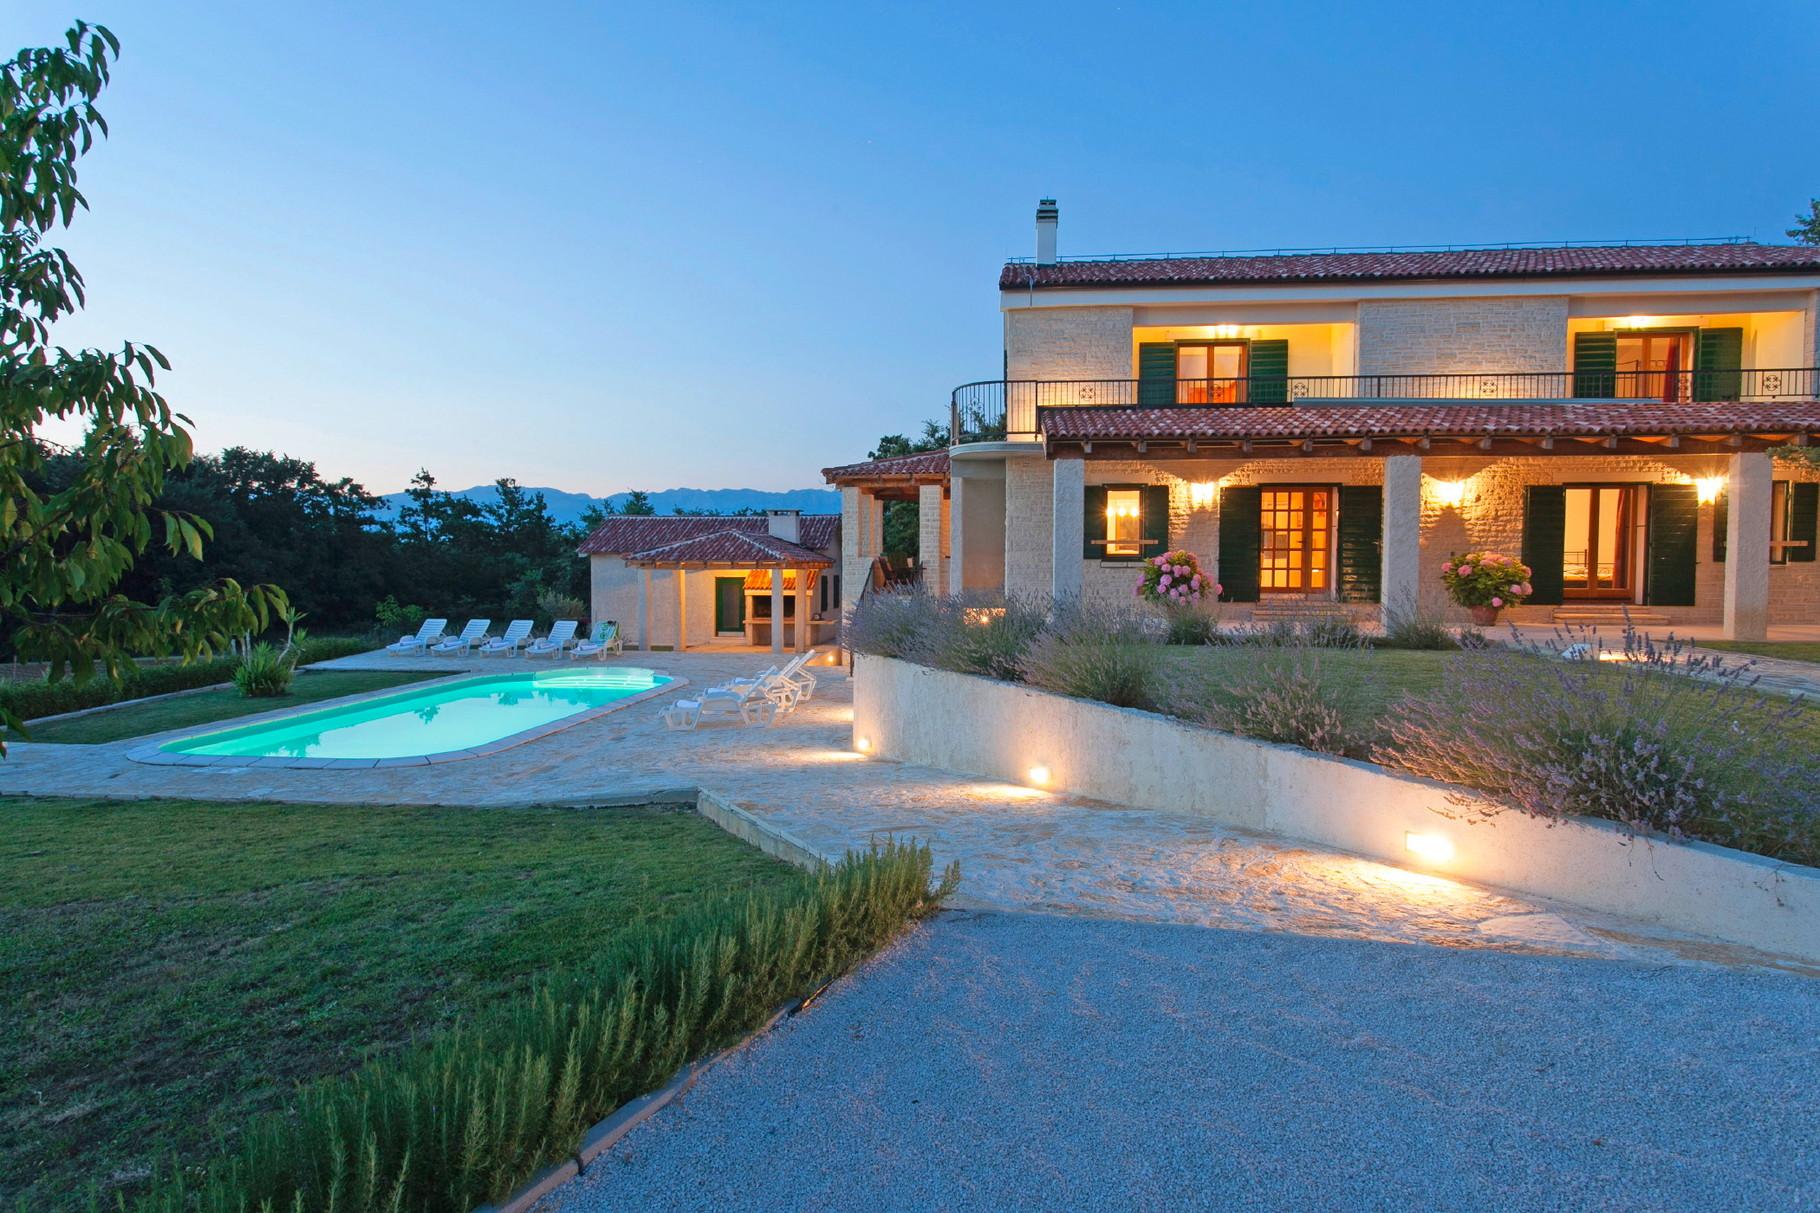 Villa Mit Garten Und Pool – localmenu.co